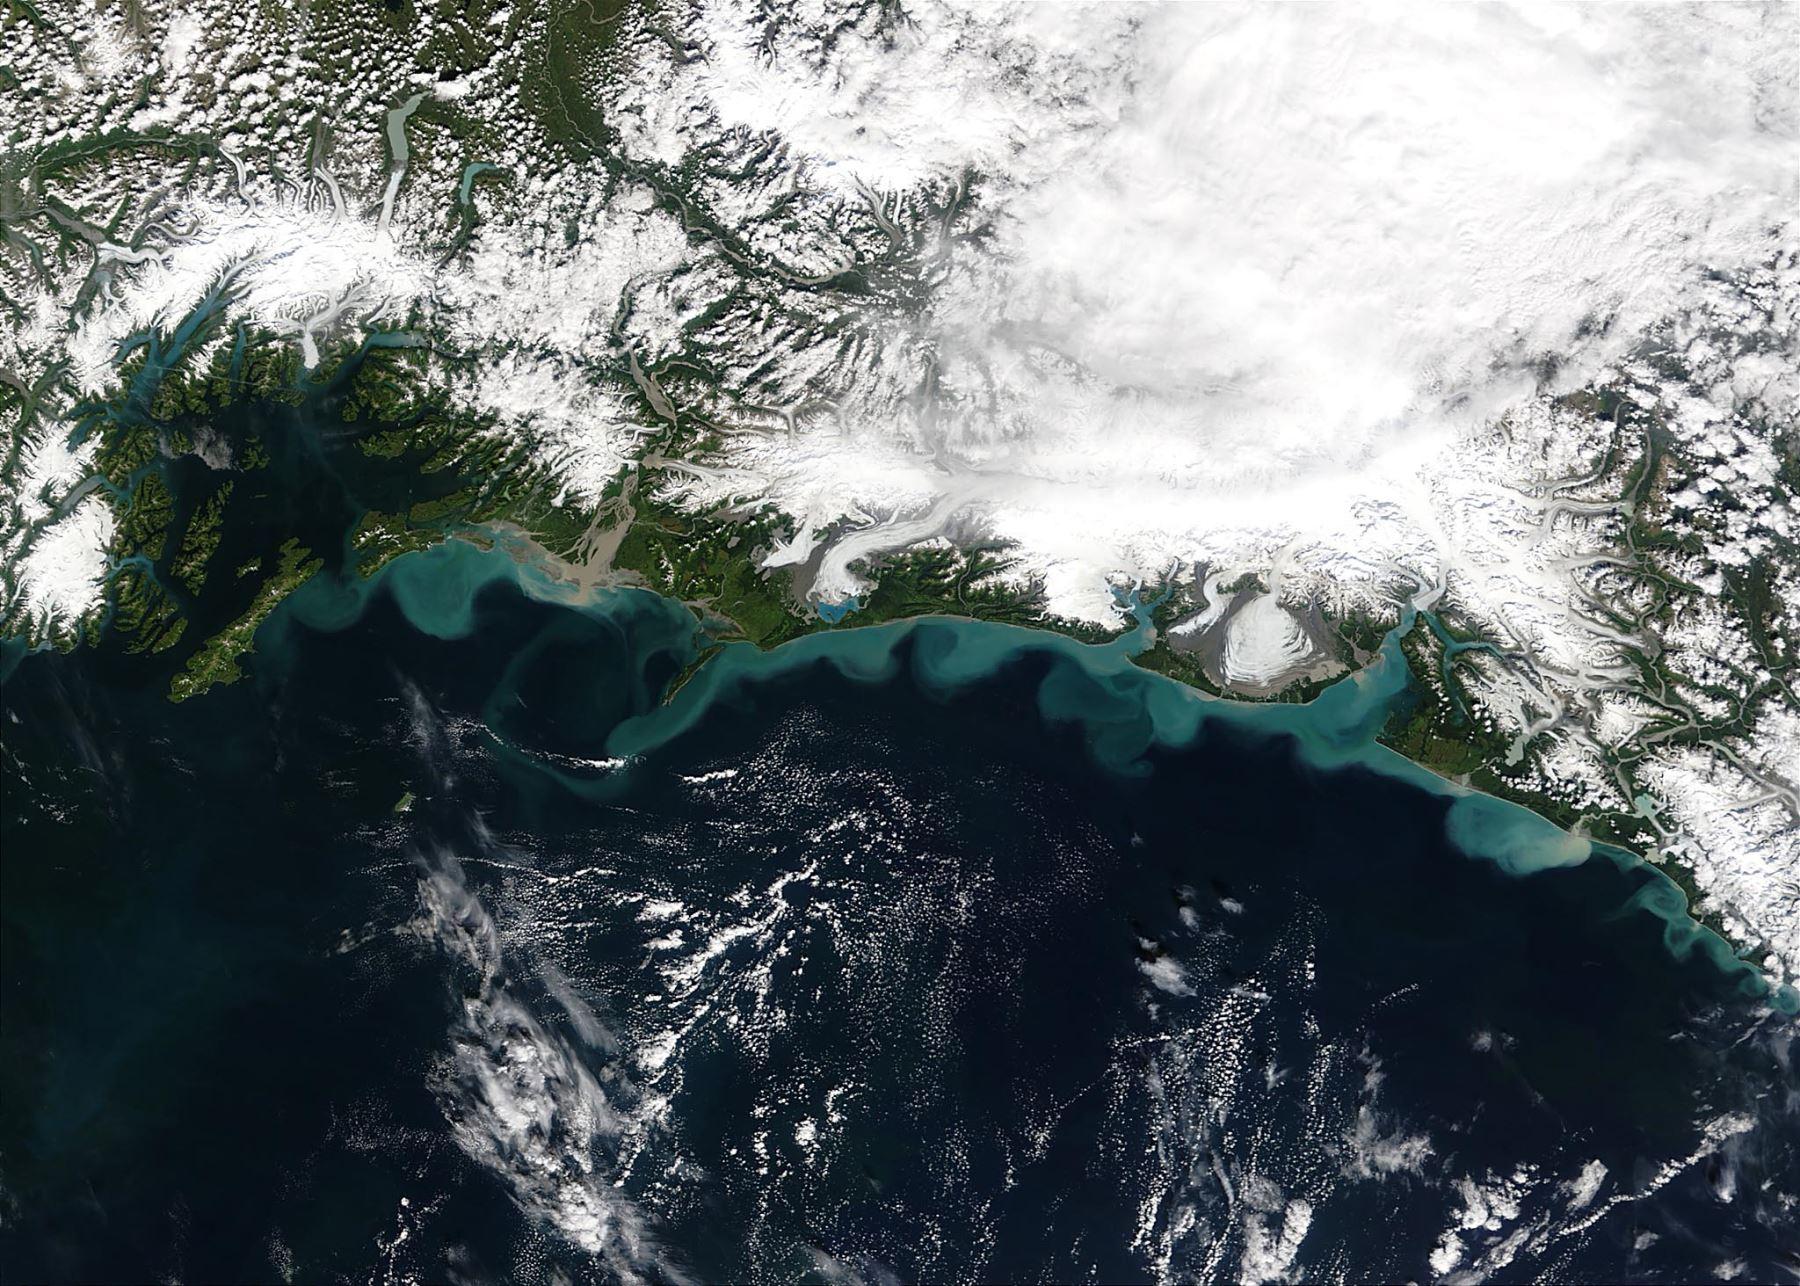 El sismo, estimado inicialmente de 7.4, se registró a 91 km al sureste de Sand Point, en las Islas Aleutianas en el mar de Bering. Foto: AFP